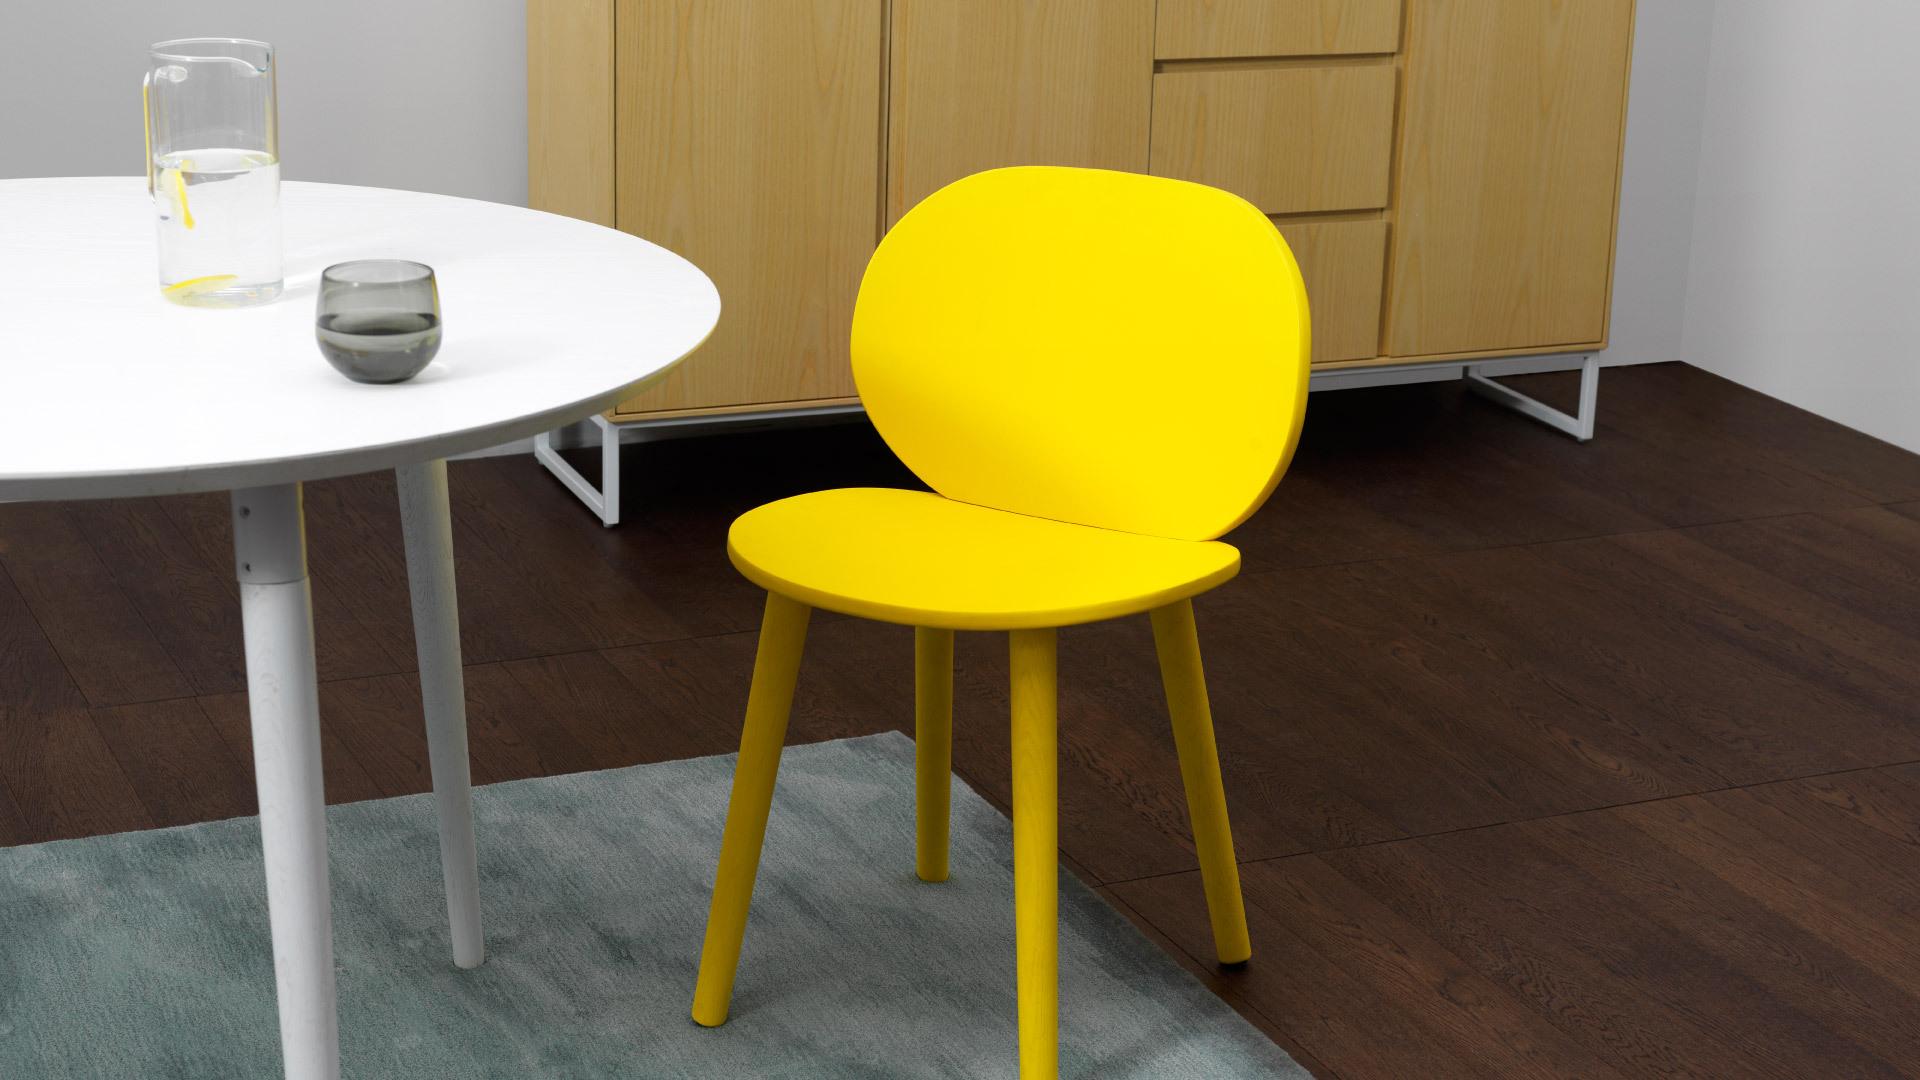 鲜亮柠黄,一椅提亮全空间